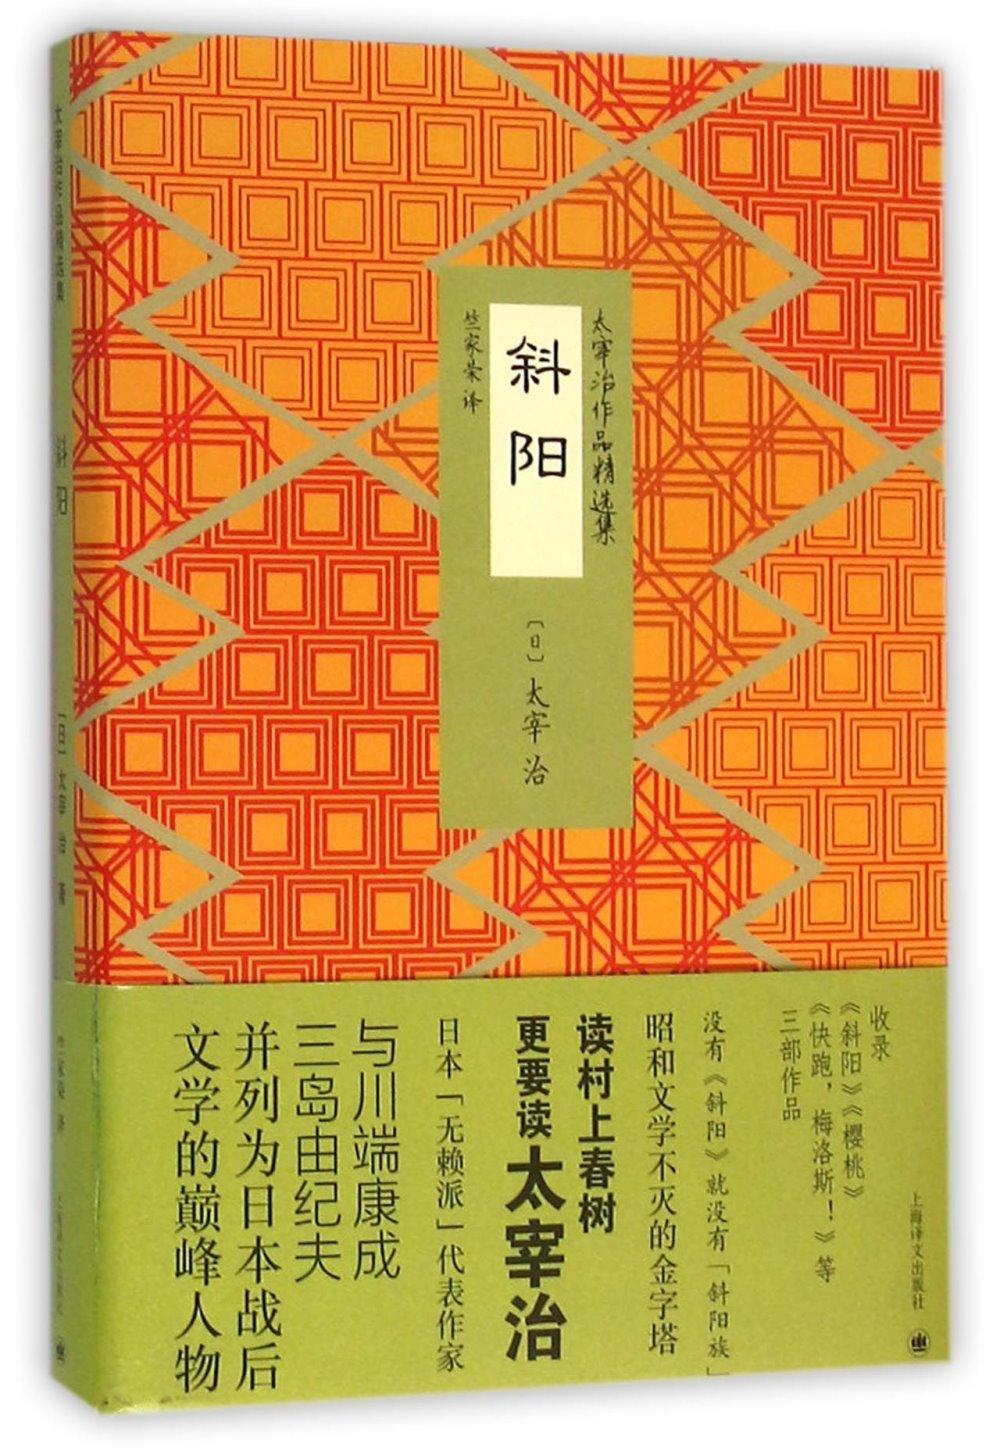 太宰治作品精選集:斜陽